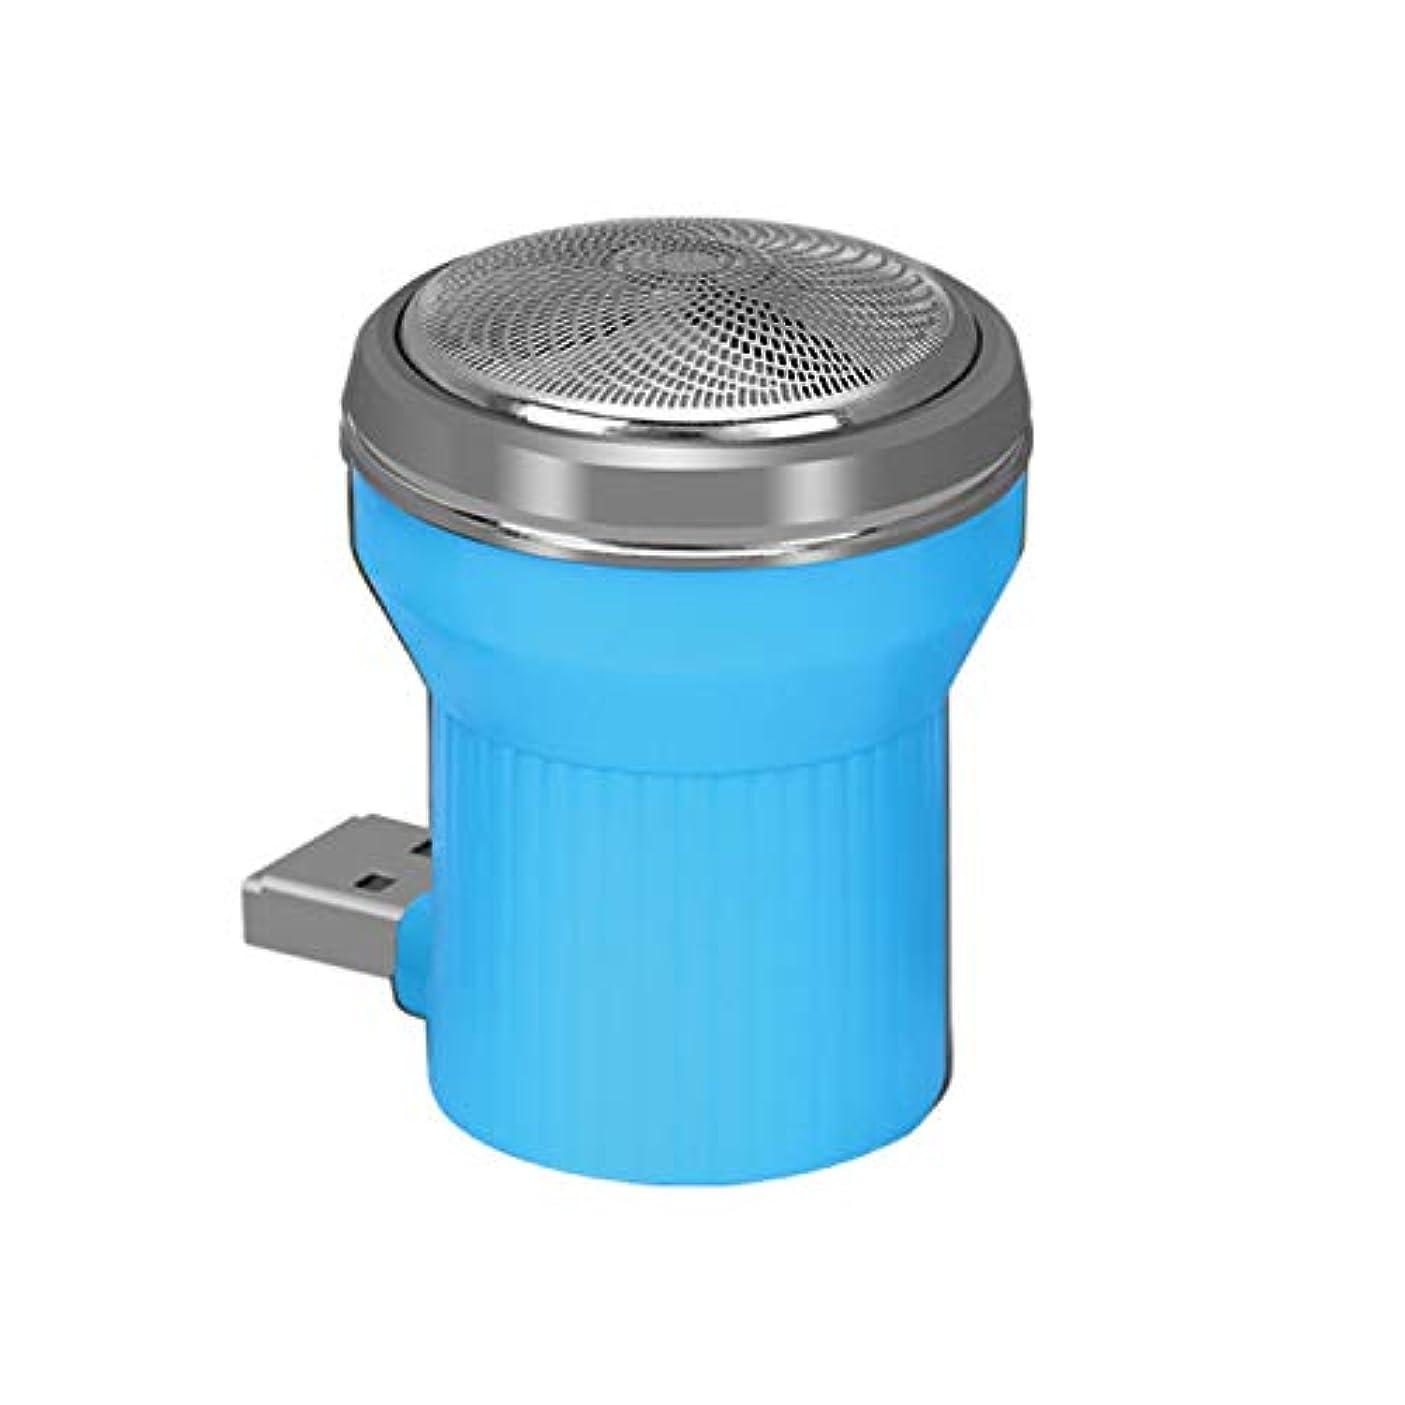 怠一キリストアンドロイド/IOSの携帯用創造的なギフト車旅行シェーバーのための小型Usb移動式シェーバー,Blue